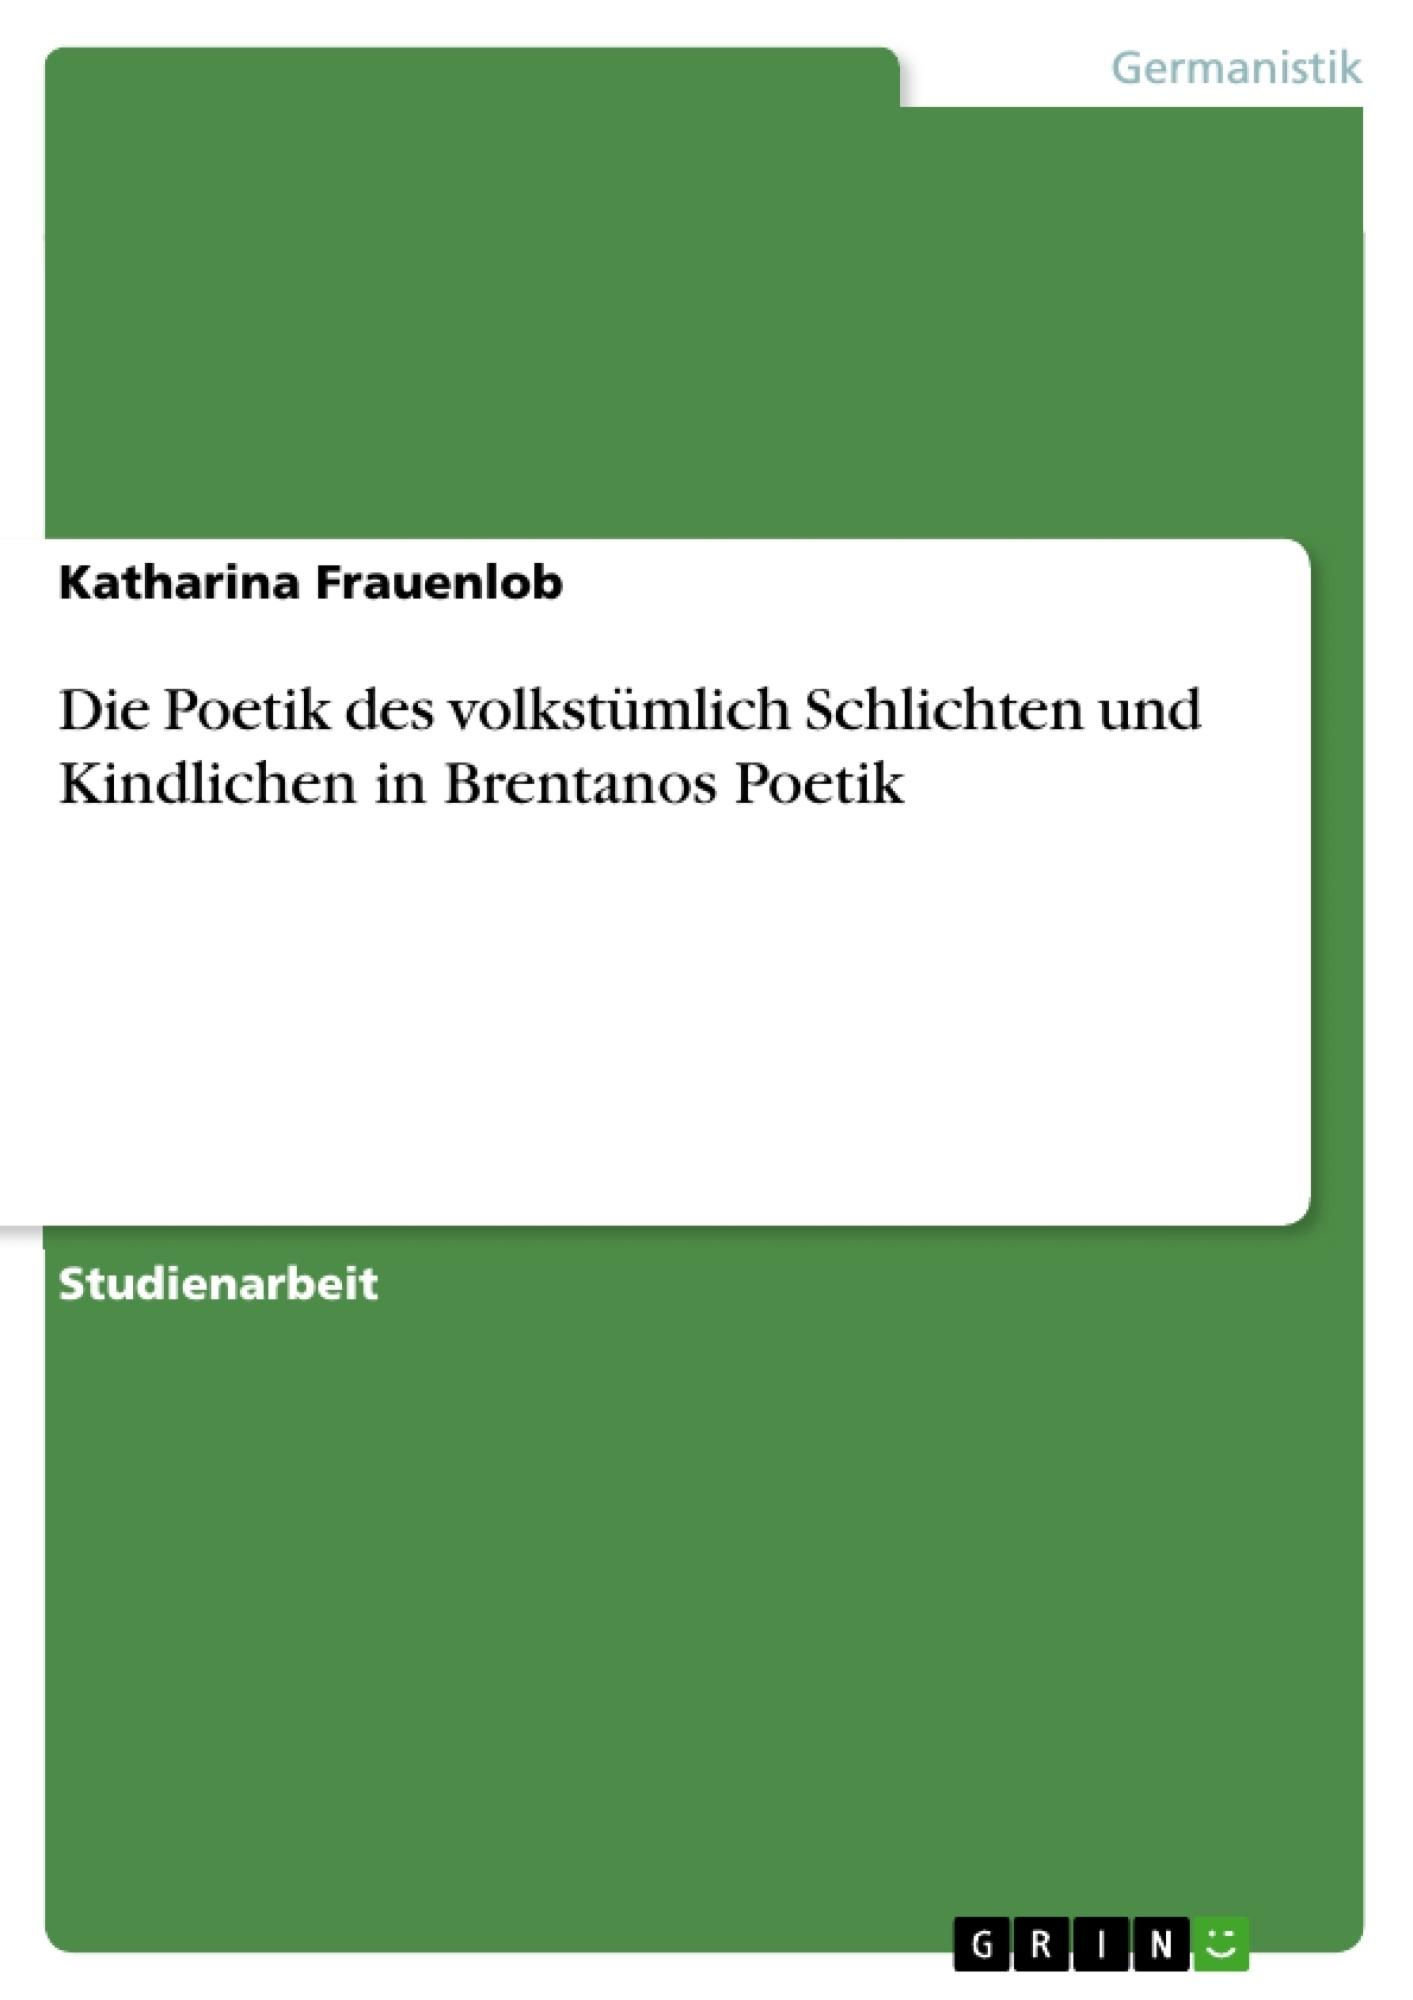 Titel: Die Poetik des volkstümlich Schlichten und Kindlichen in Brentanos Poetik